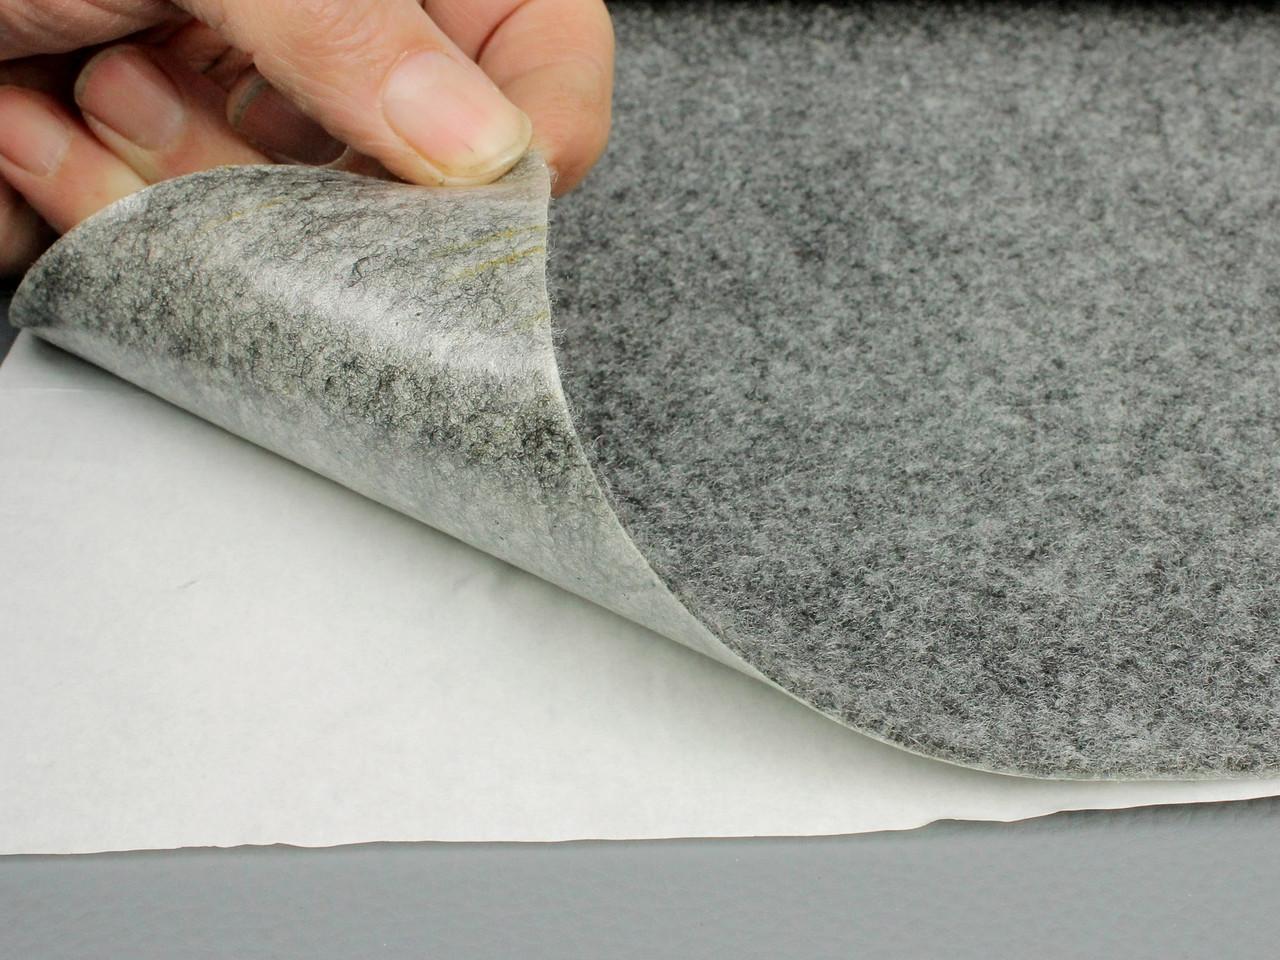 """Карпет автомобильный Серый самоклейка (лист 48х100 см), толщина 2.2 мм, плотность 300 г/м2 - Торгово-производственная компания """"Изолон-Вест"""". в Львовской области"""